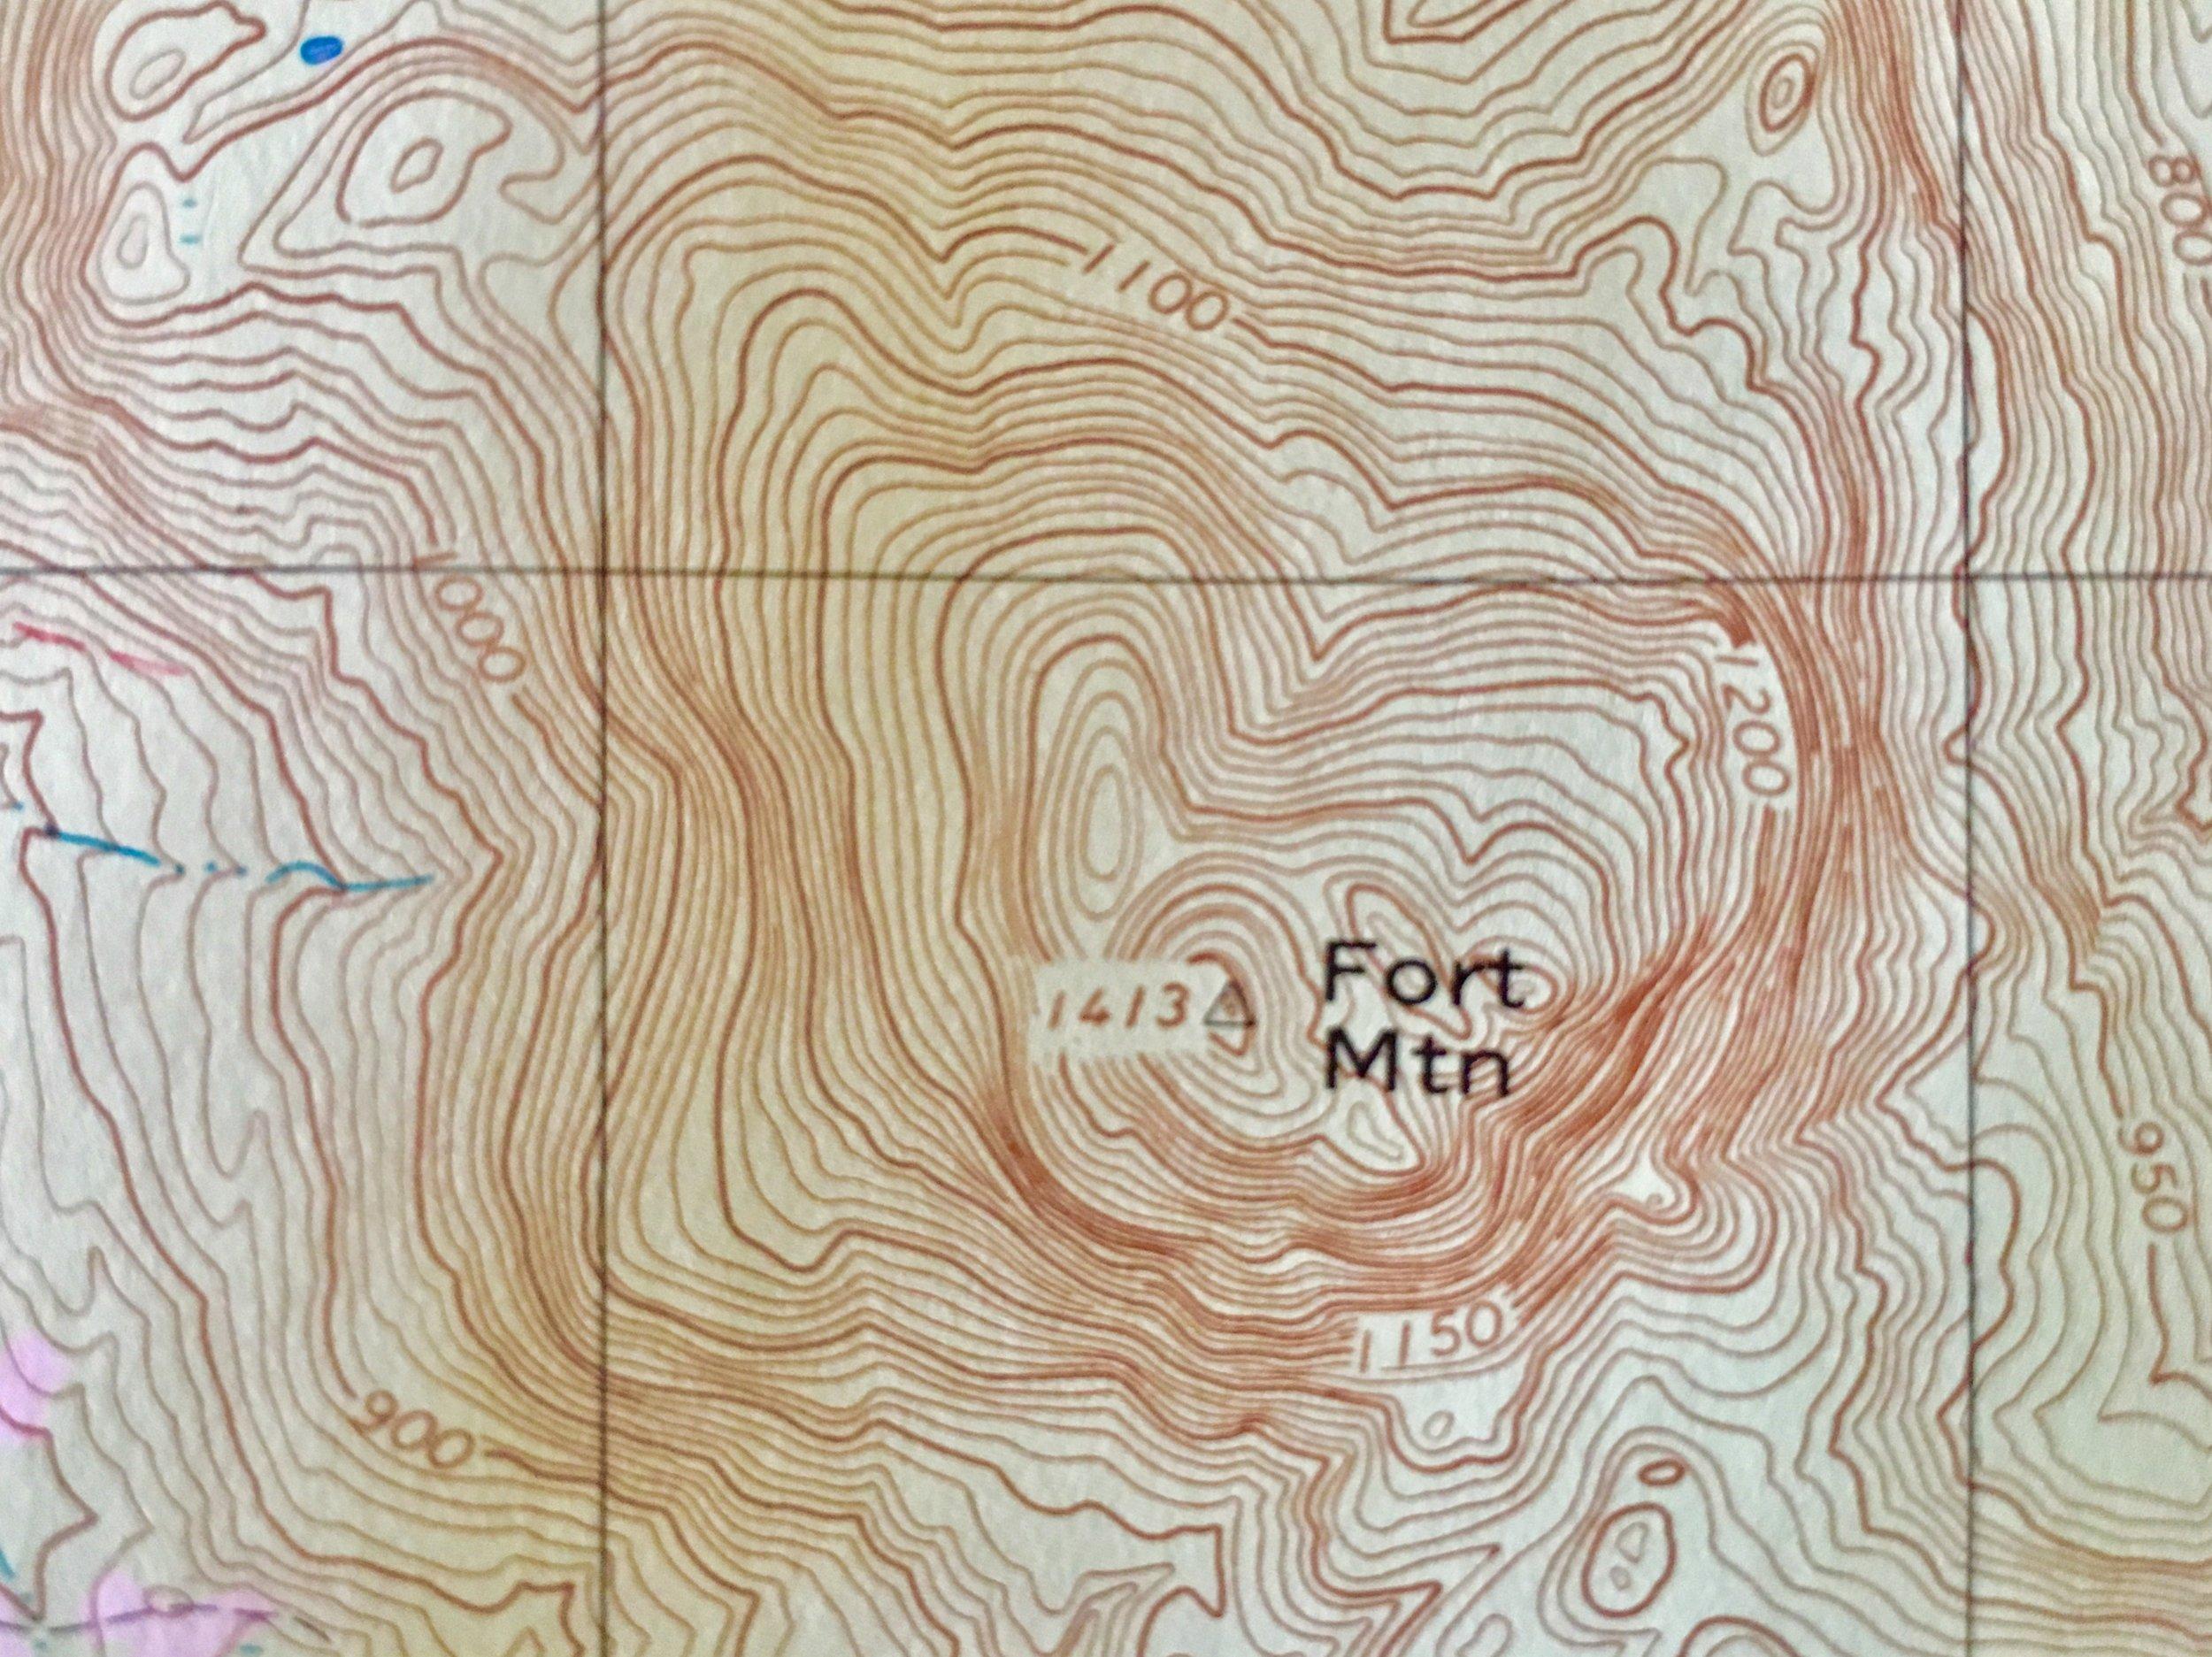 Fort Mountain.jpg